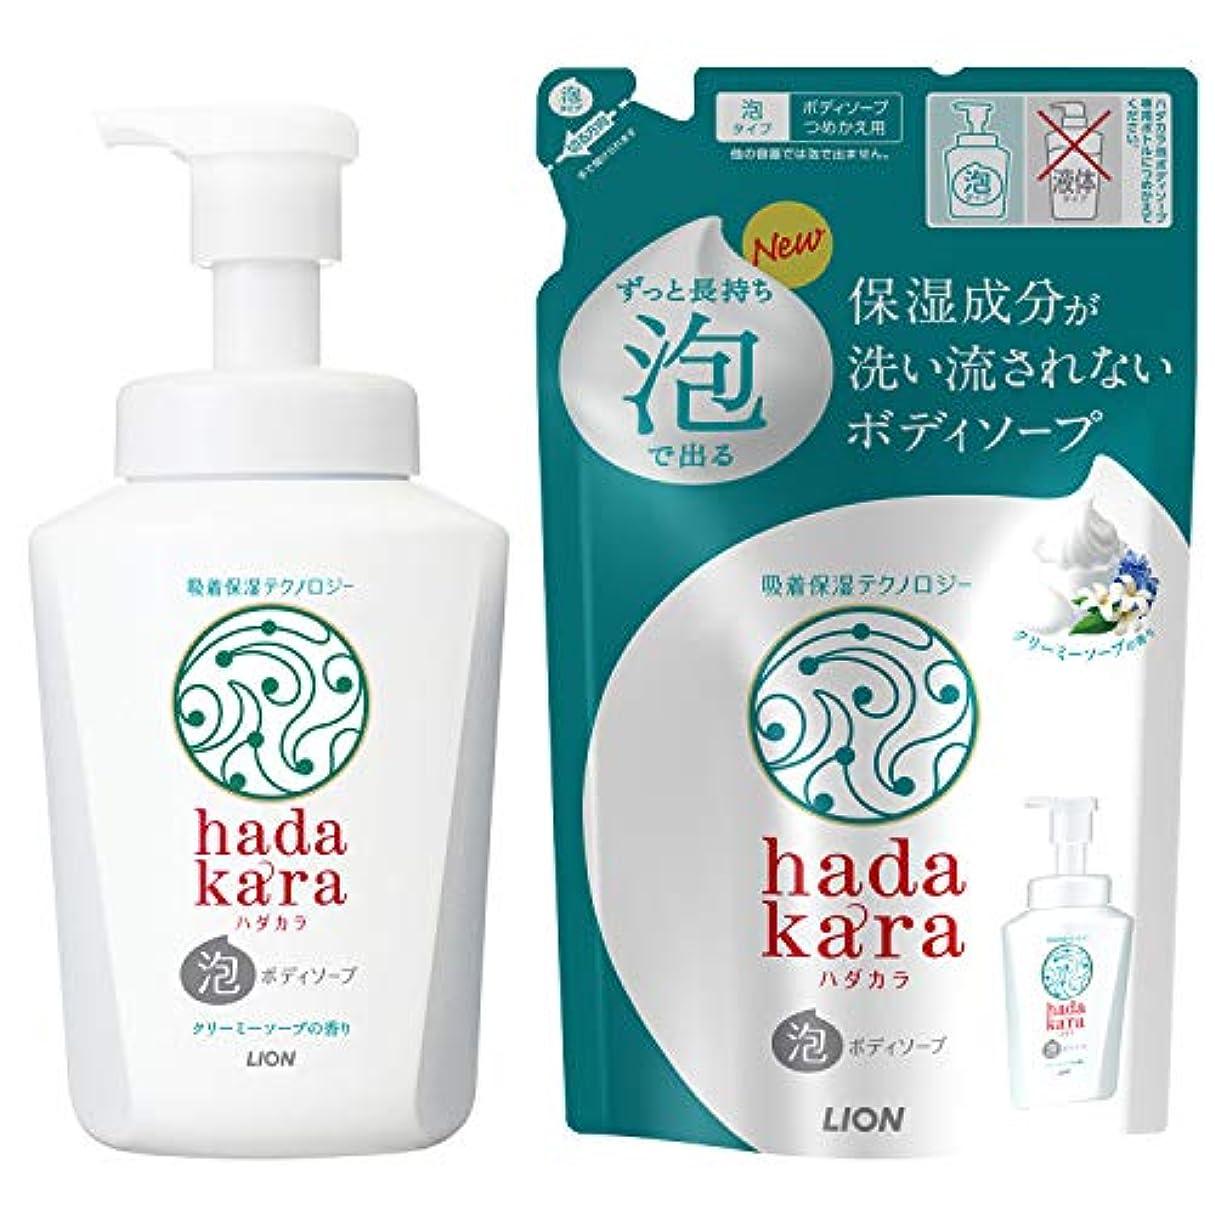 海外で裂け目交換可能hadakara(ハダカラ) ボディソープ 泡タイプ クリーミーソープの香り 本体550ml+詰替440ml